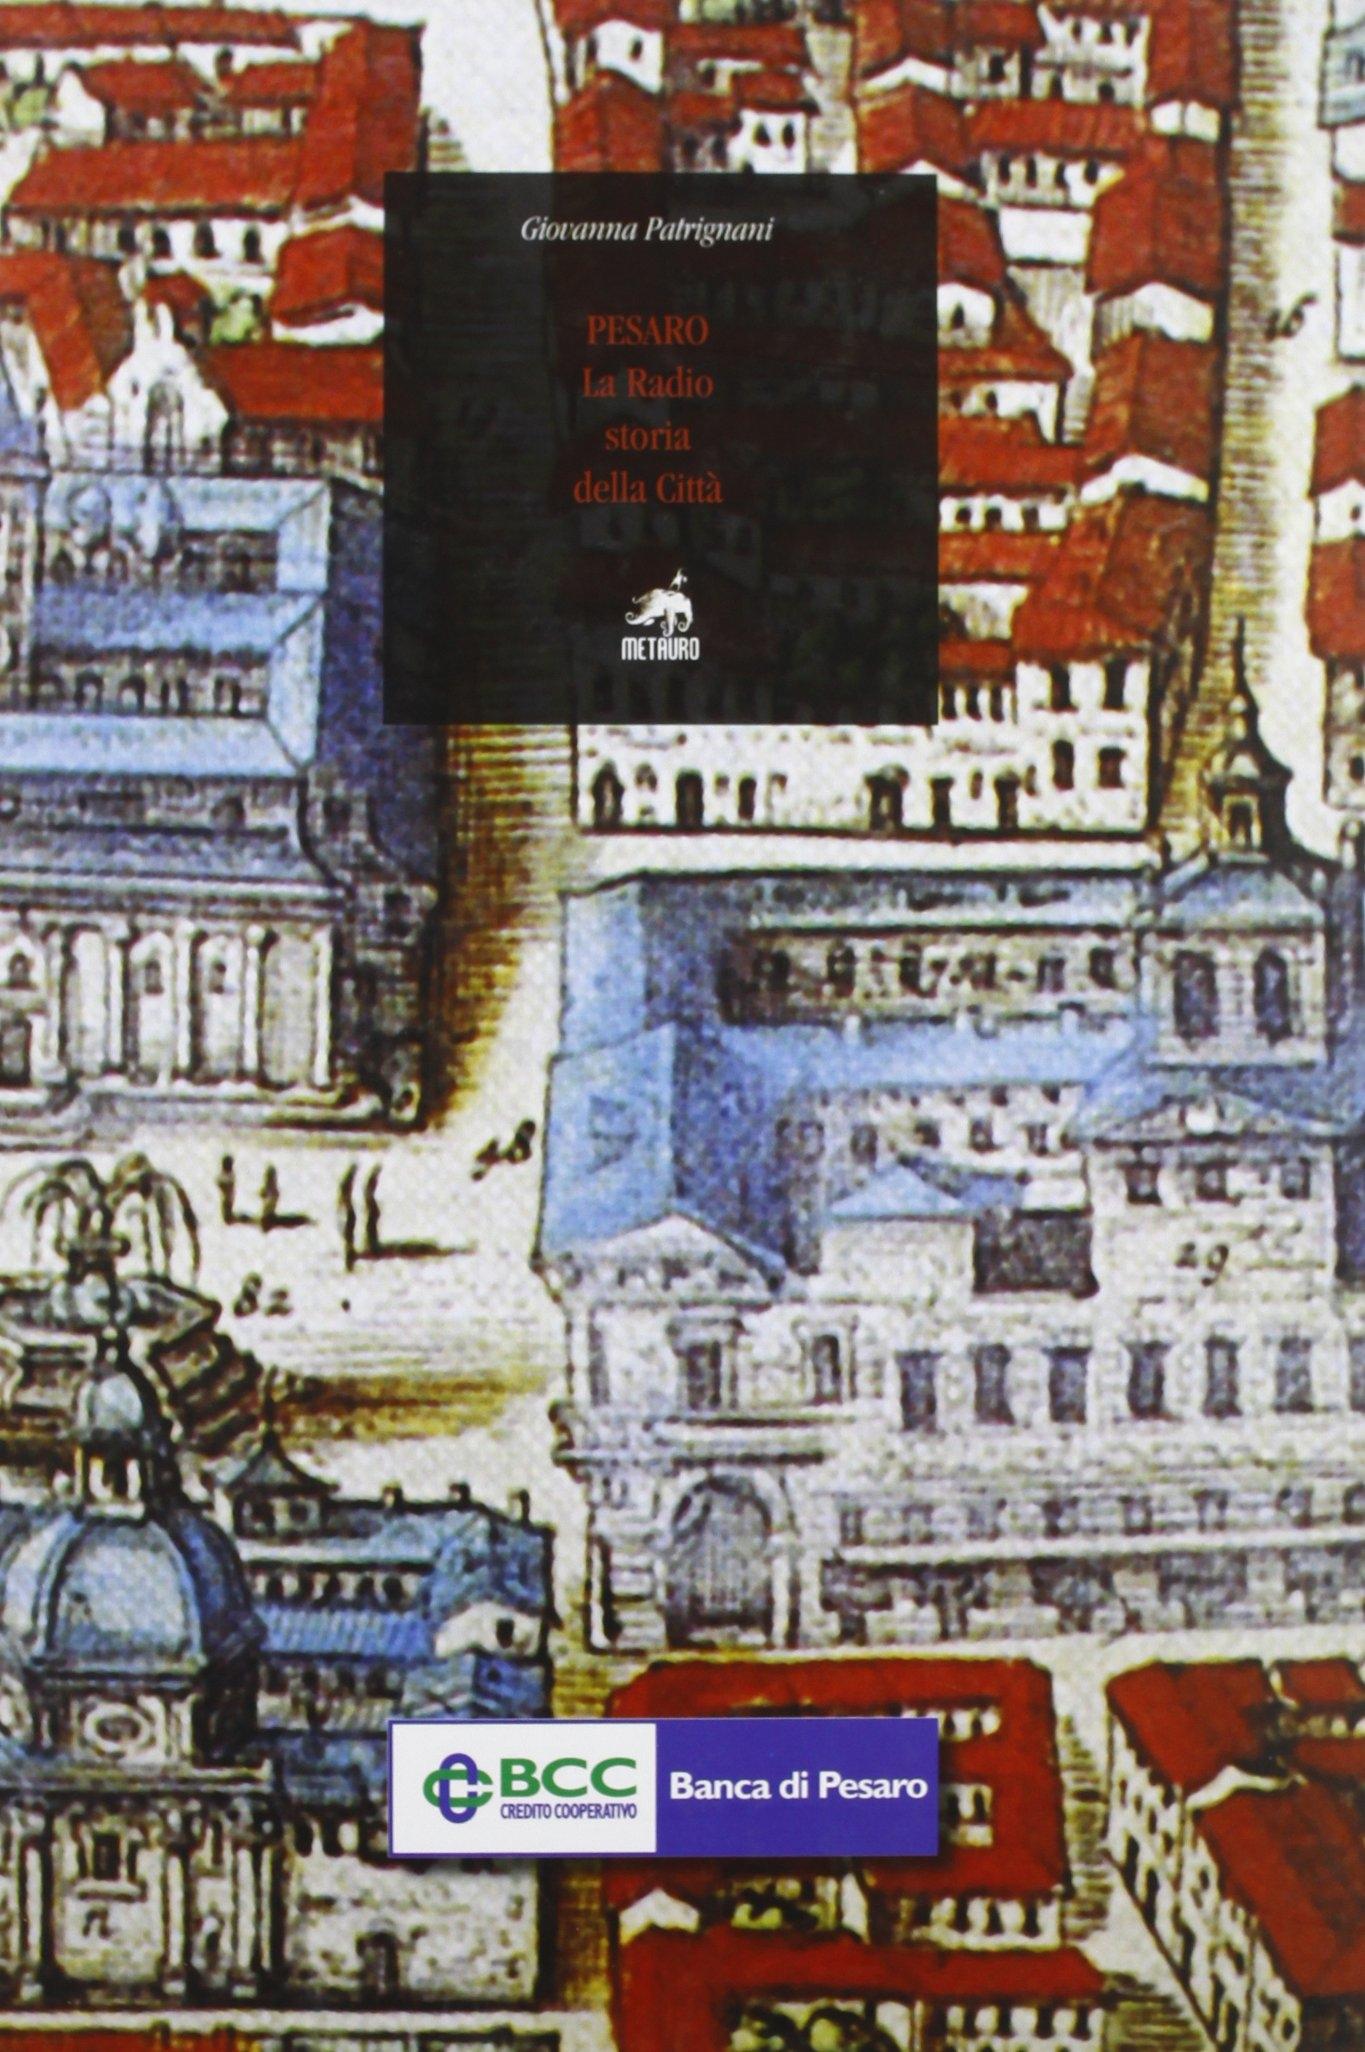 Pesaro. La radio, storia della città.